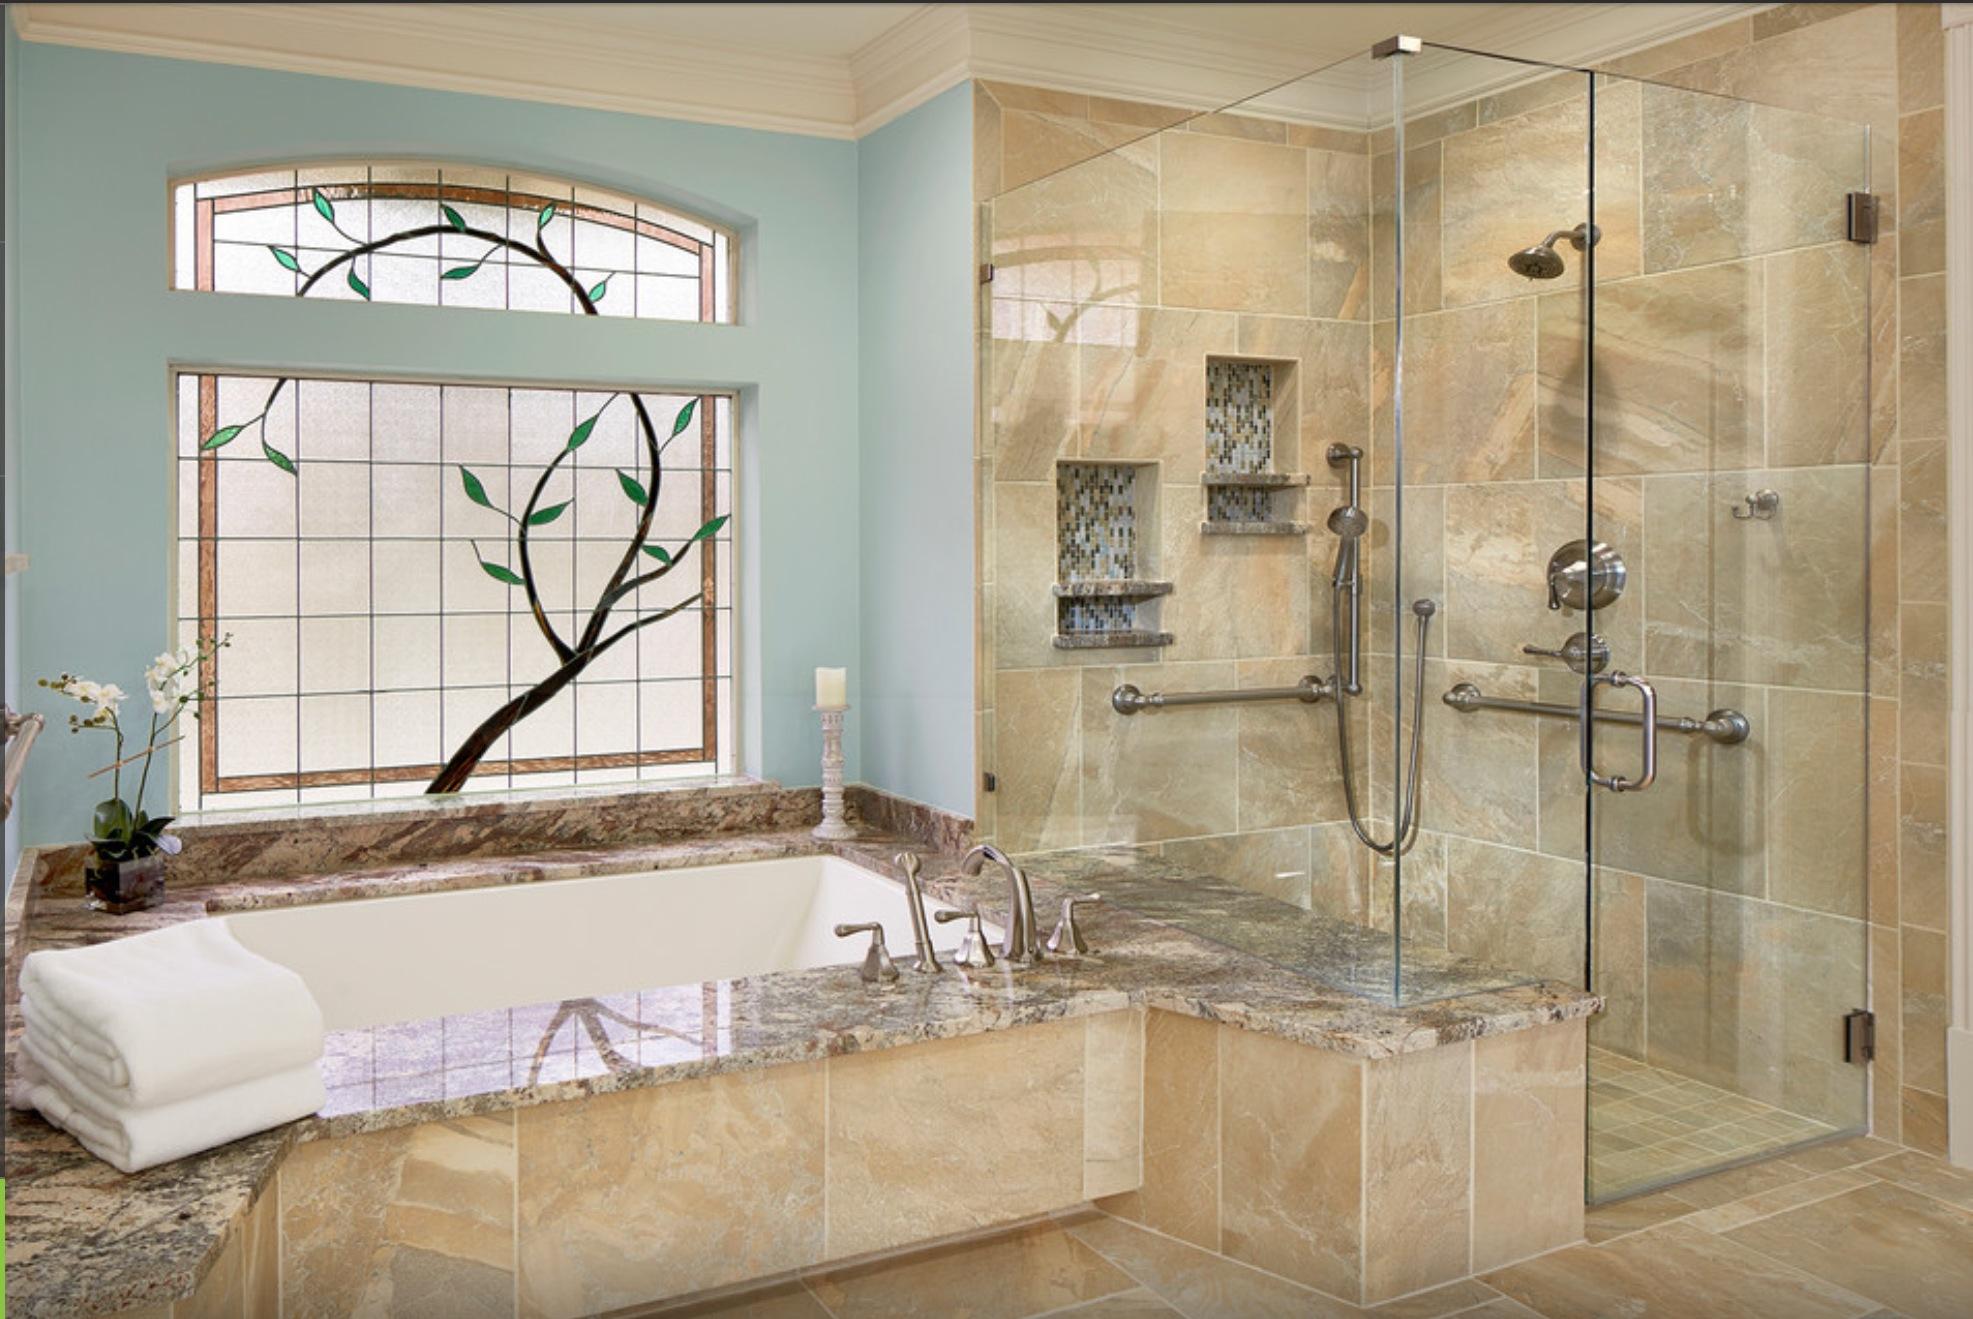 Ванная комната с отдельной душевой кабинкой